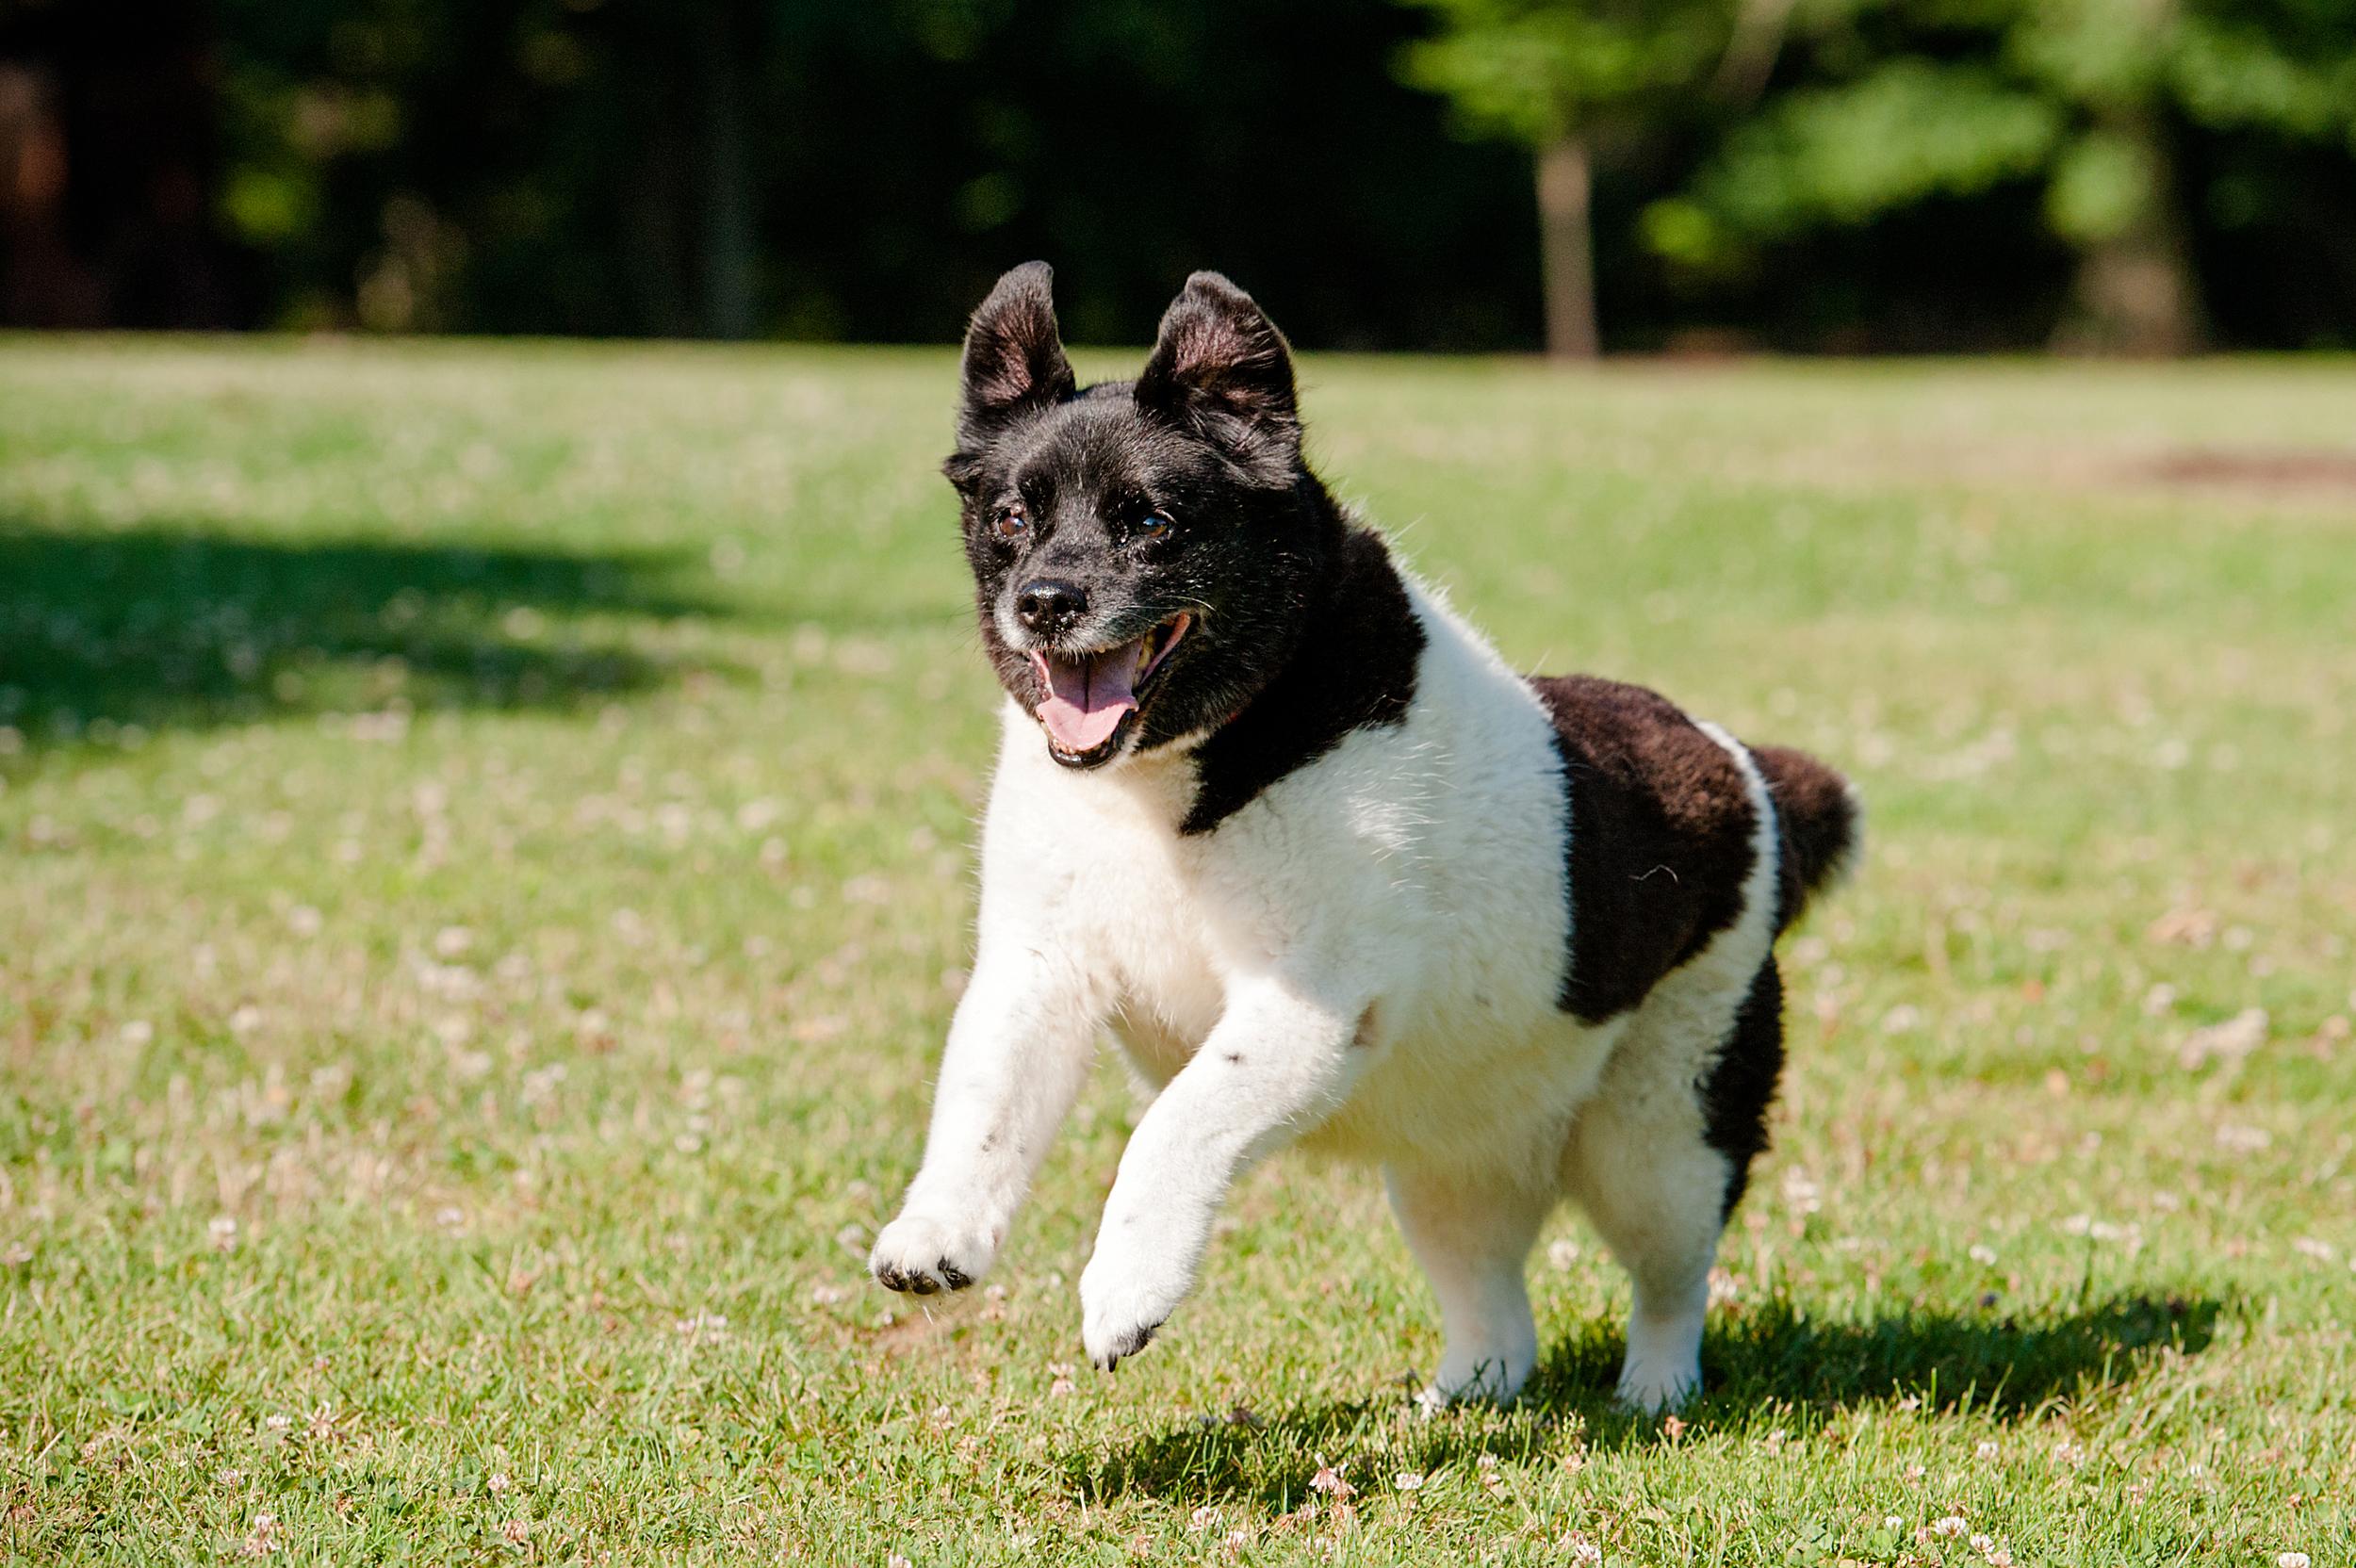 dog-photography-hartwood-acres-giftbug-07.jpg